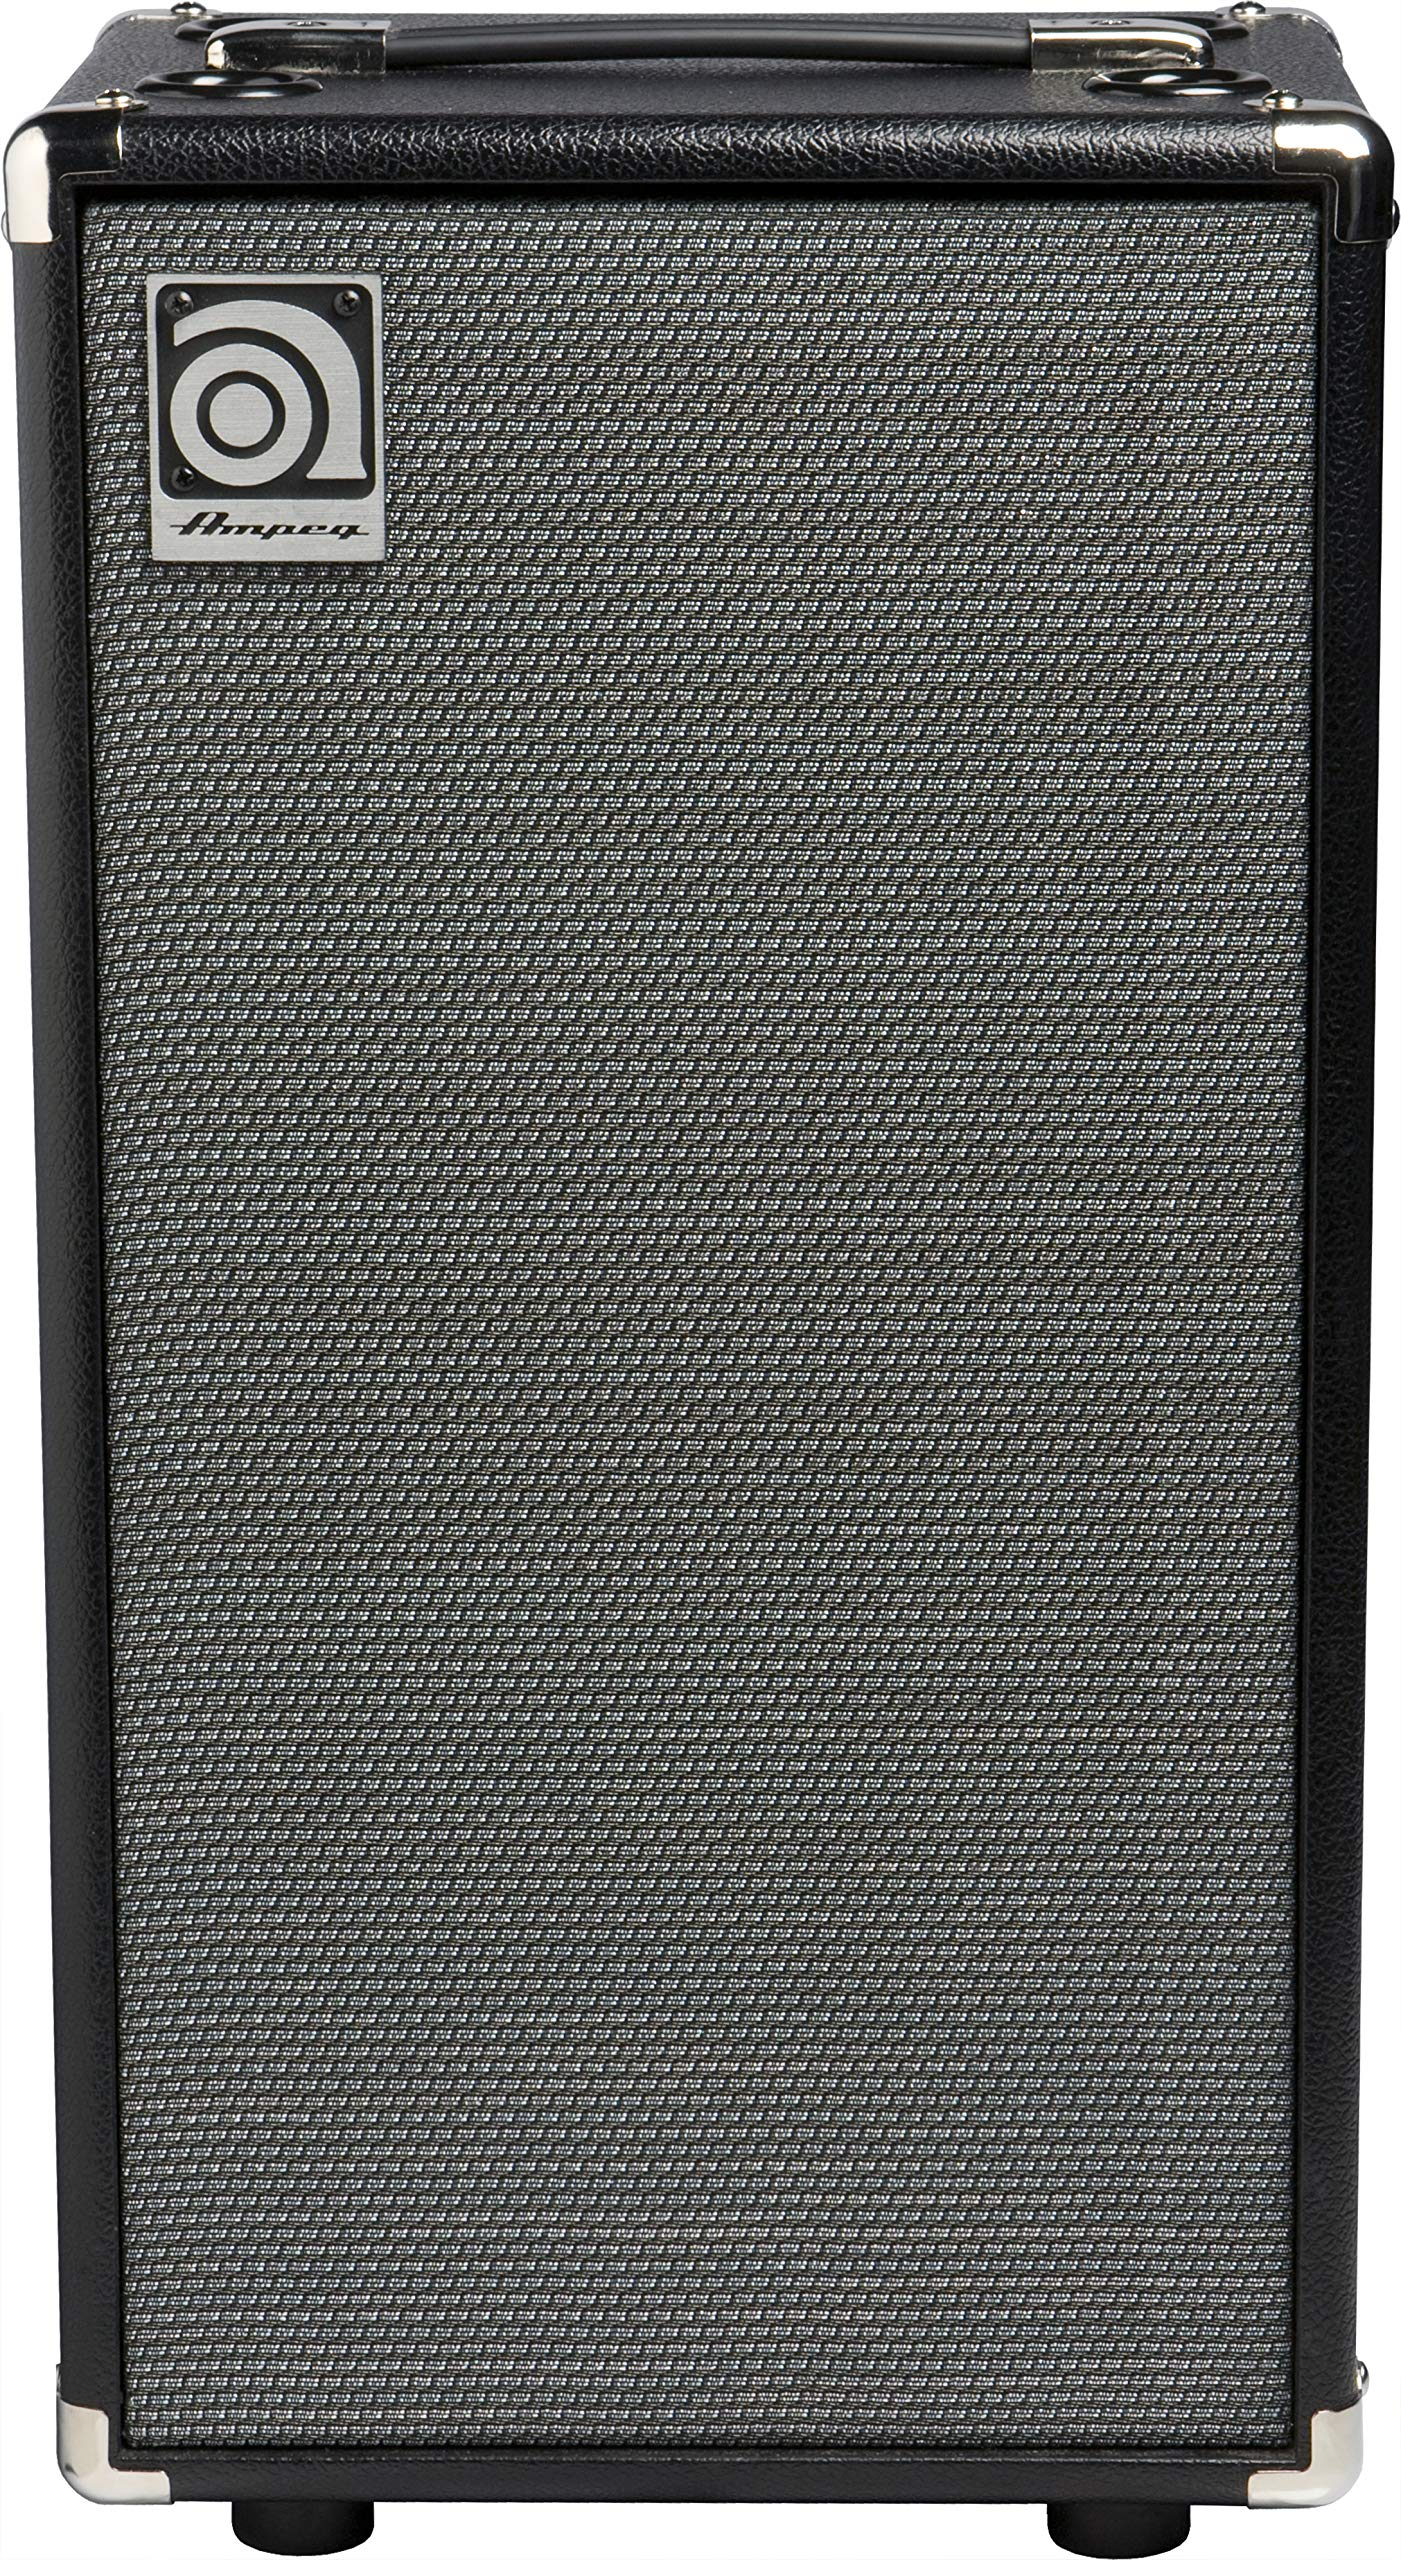 Ampeg Bass Amplifier Cabinet (SVT-210AV) by Ampeg